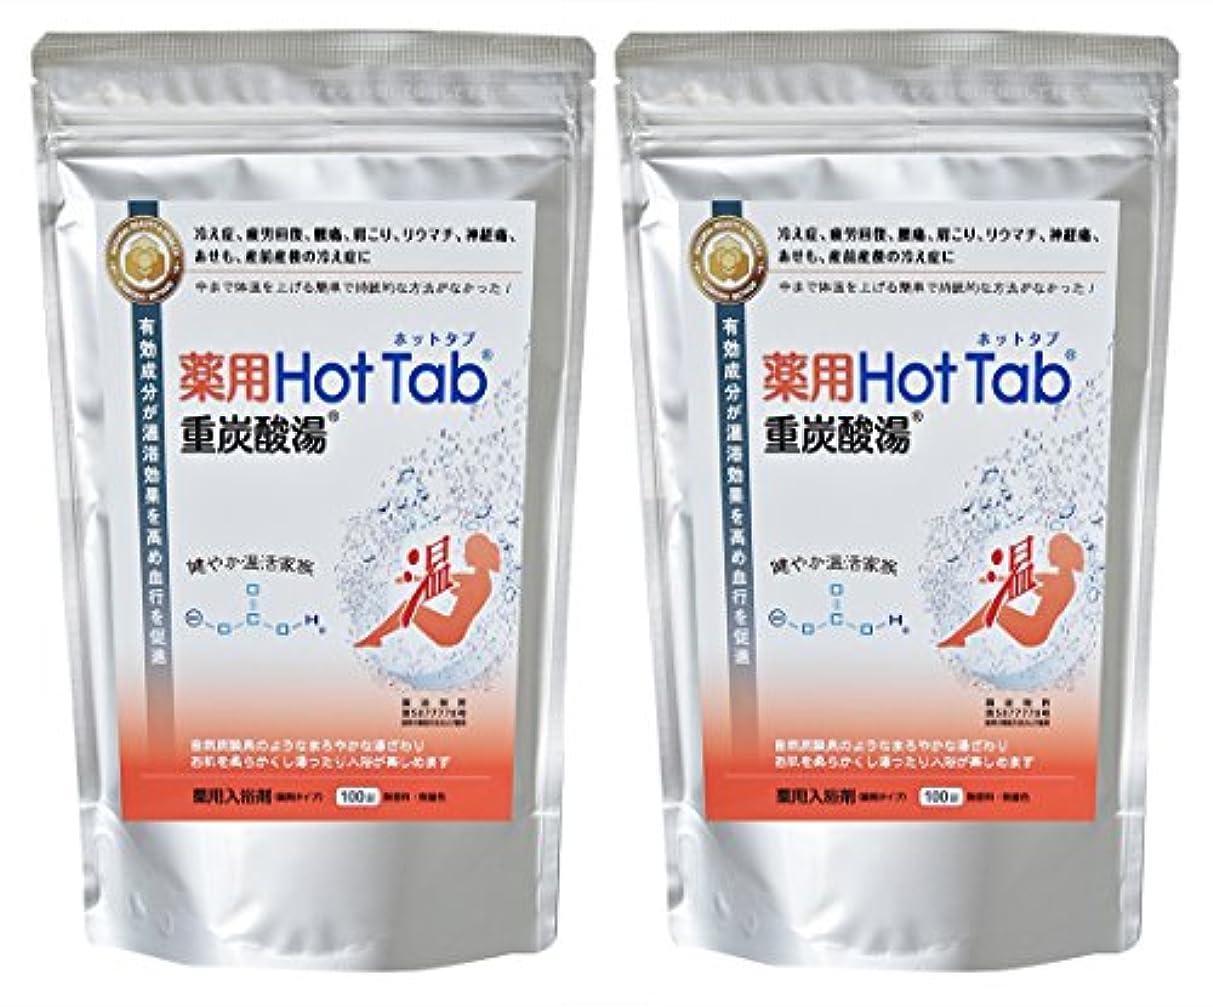 苗国際キルス薬用 Hot Tab 重炭酸湯 100錠入りx2セット